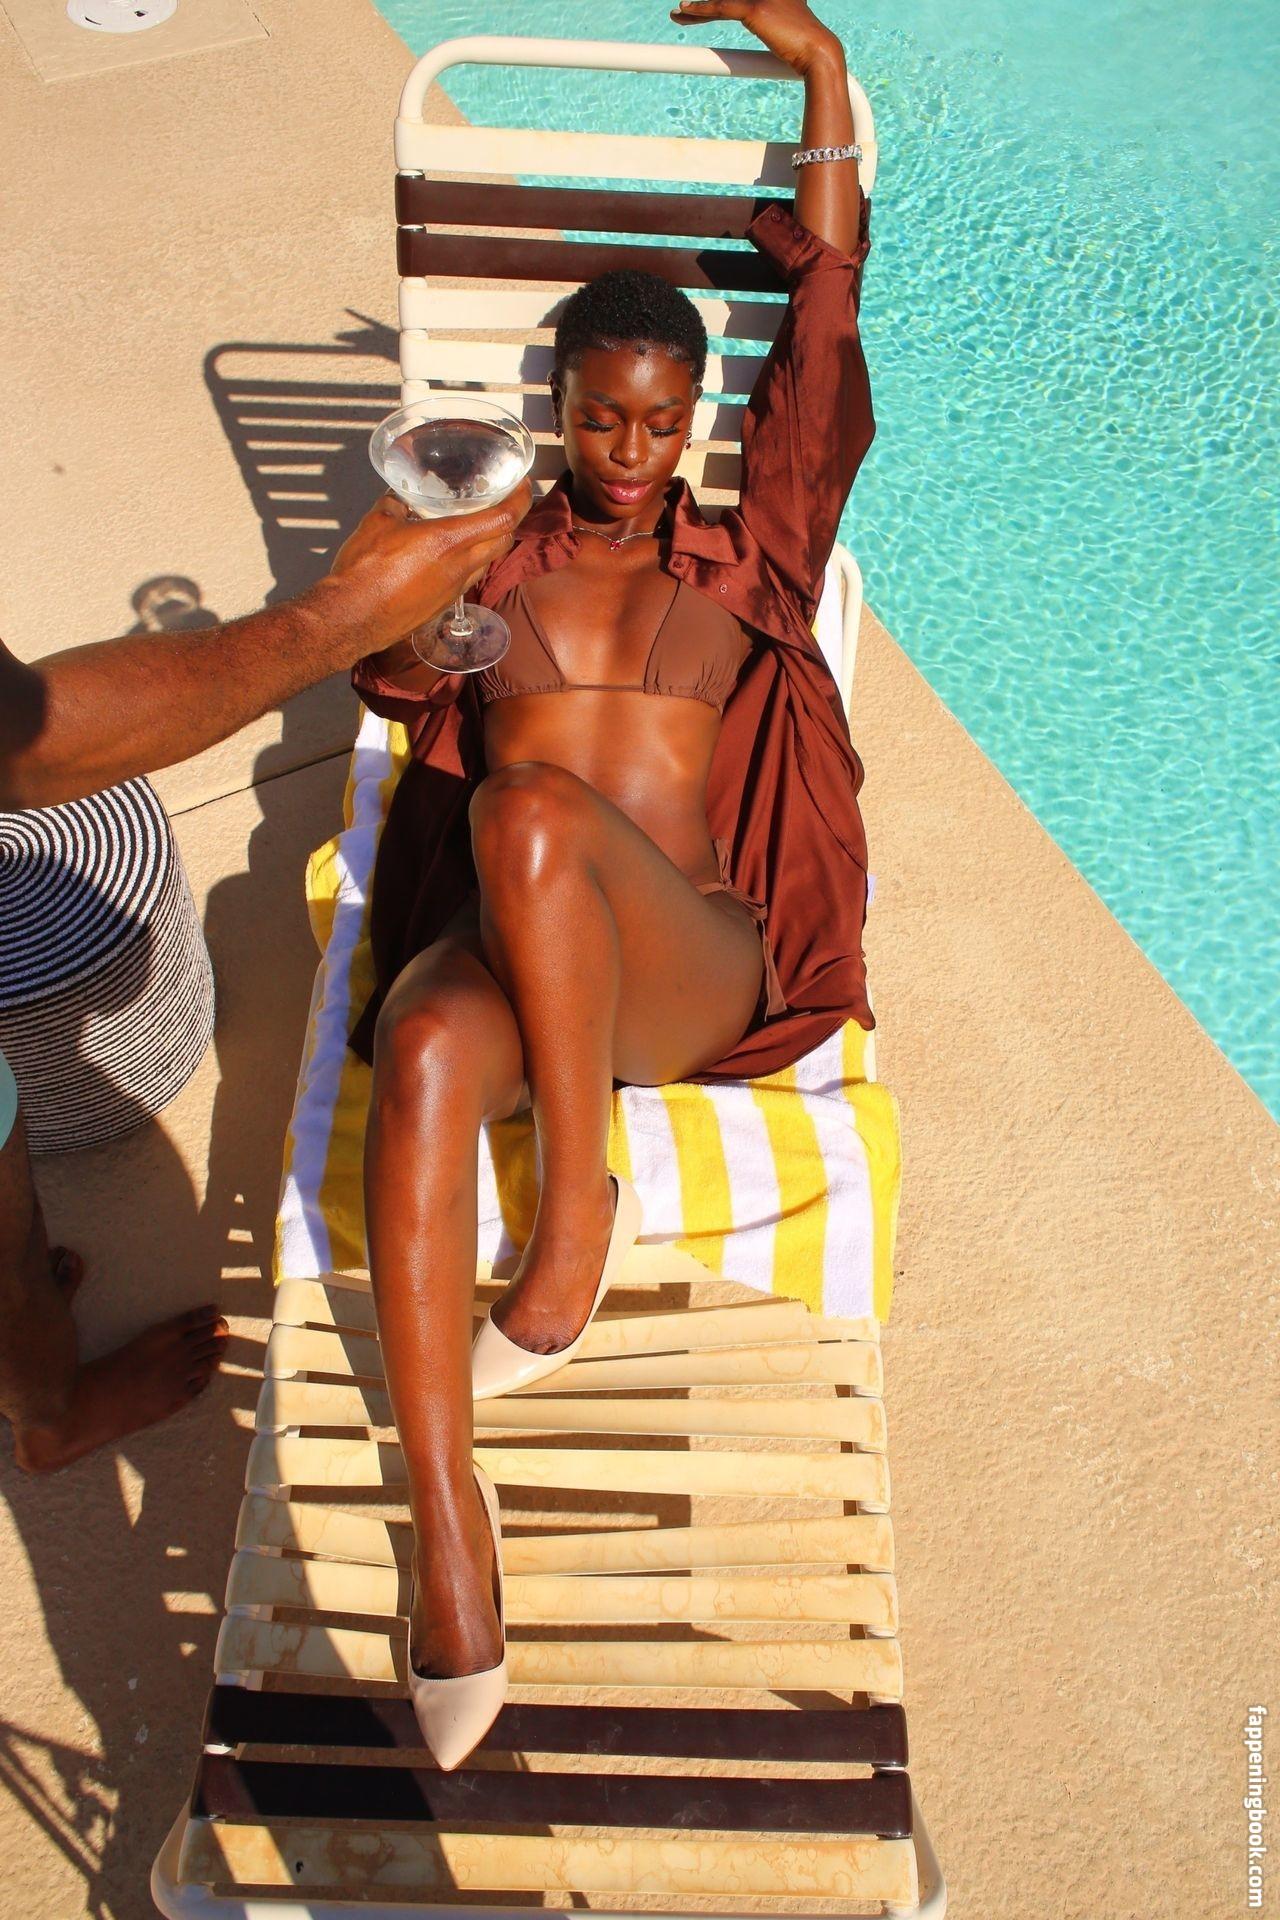 Diarra Sylla Nude